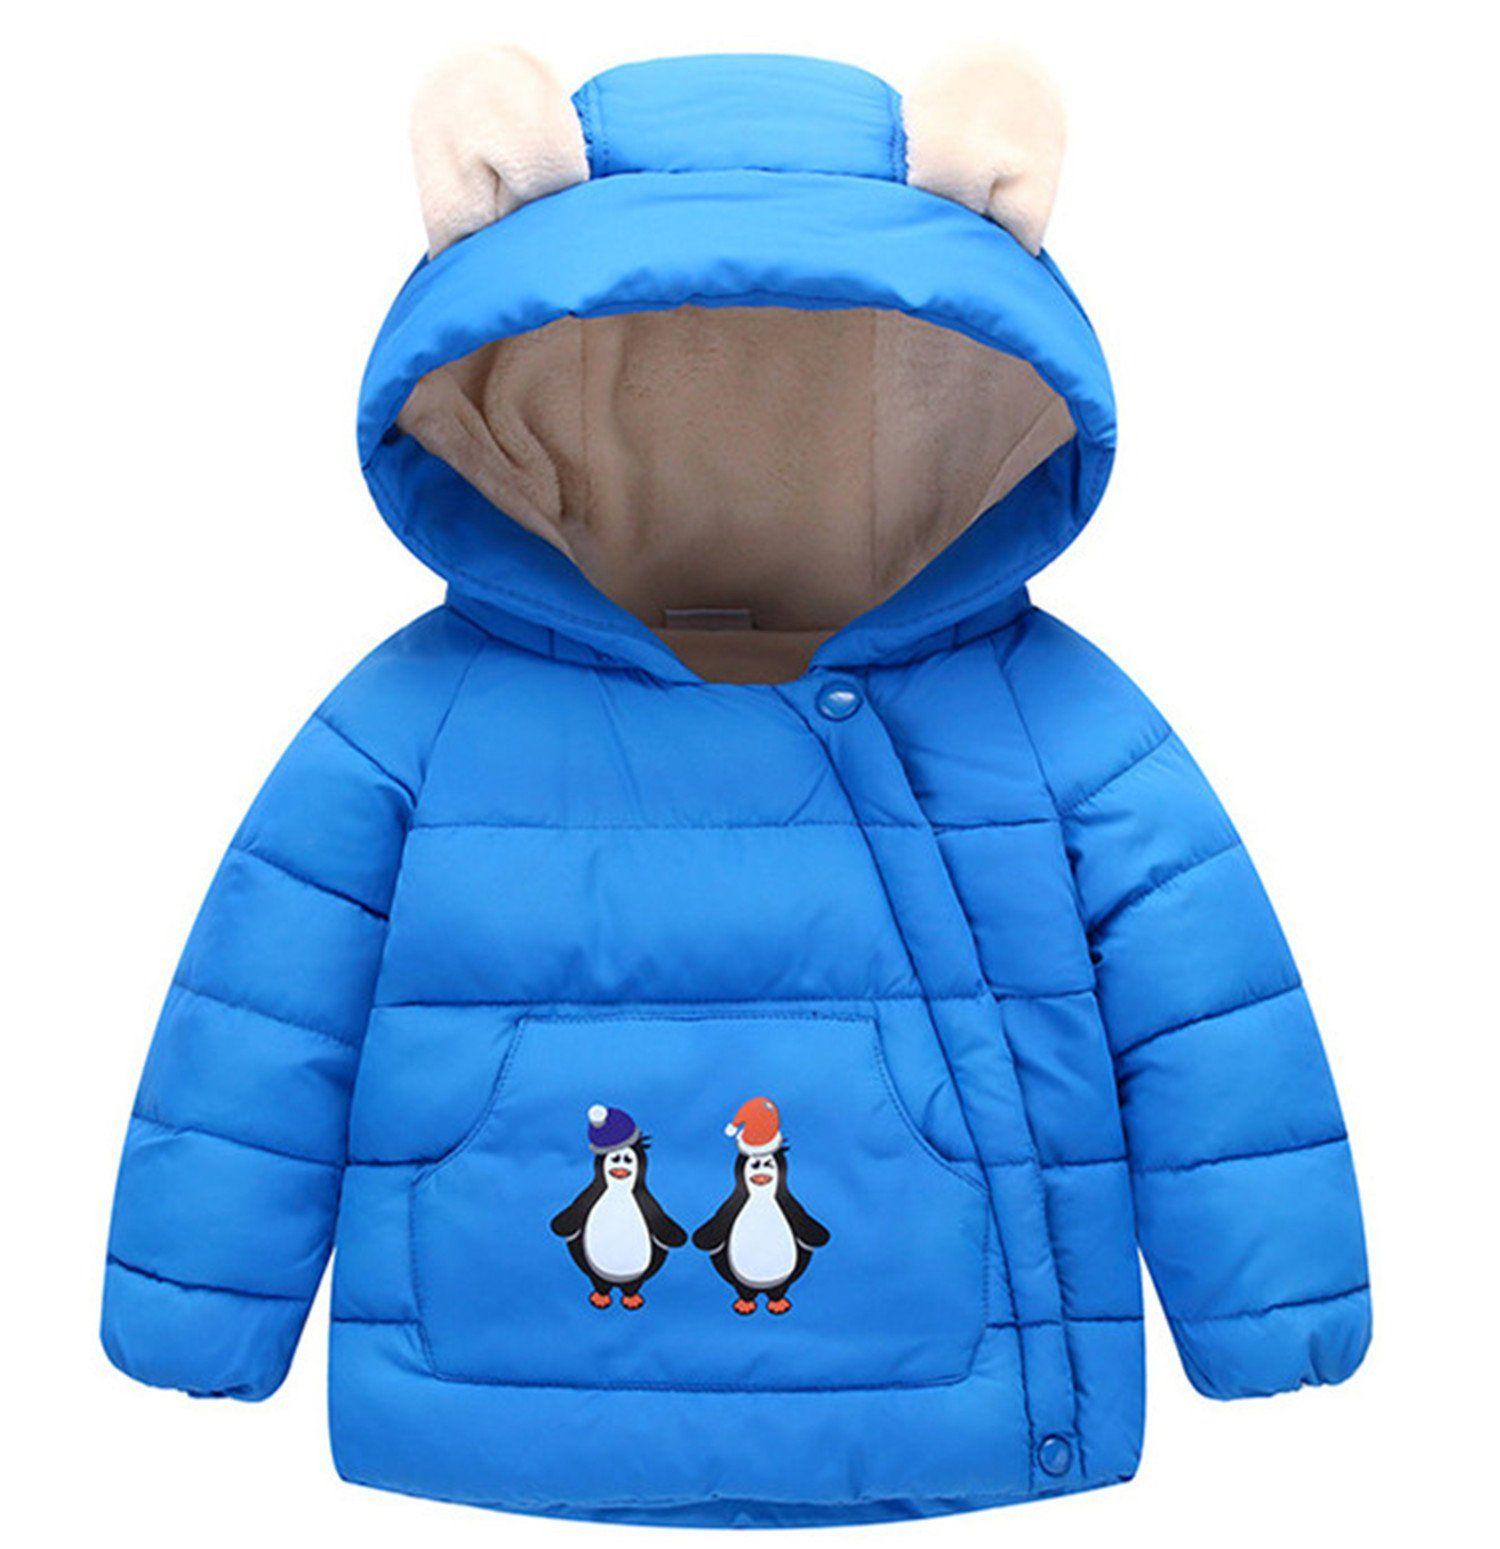 44028fef1941 Felds Winter Jackets Kids Baby Boys Jacket Outerwear Coats Children ...